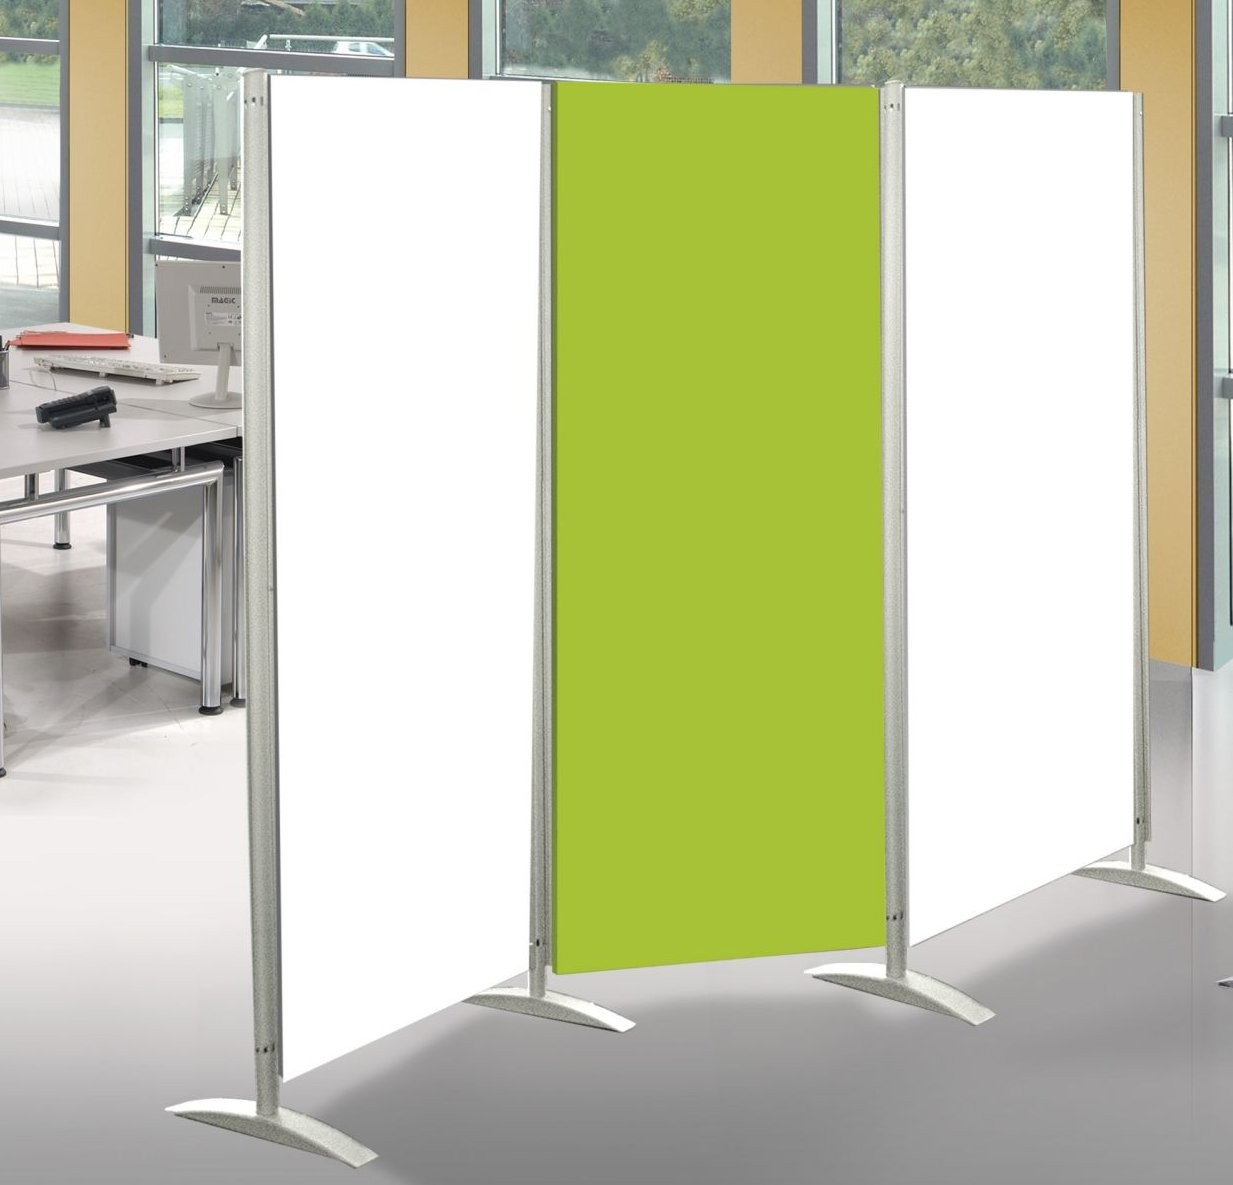 mobiler b ro raumteiler bewegliche sichtschutztrennwand aus robusten holzplatten. Black Bedroom Furniture Sets. Home Design Ideas